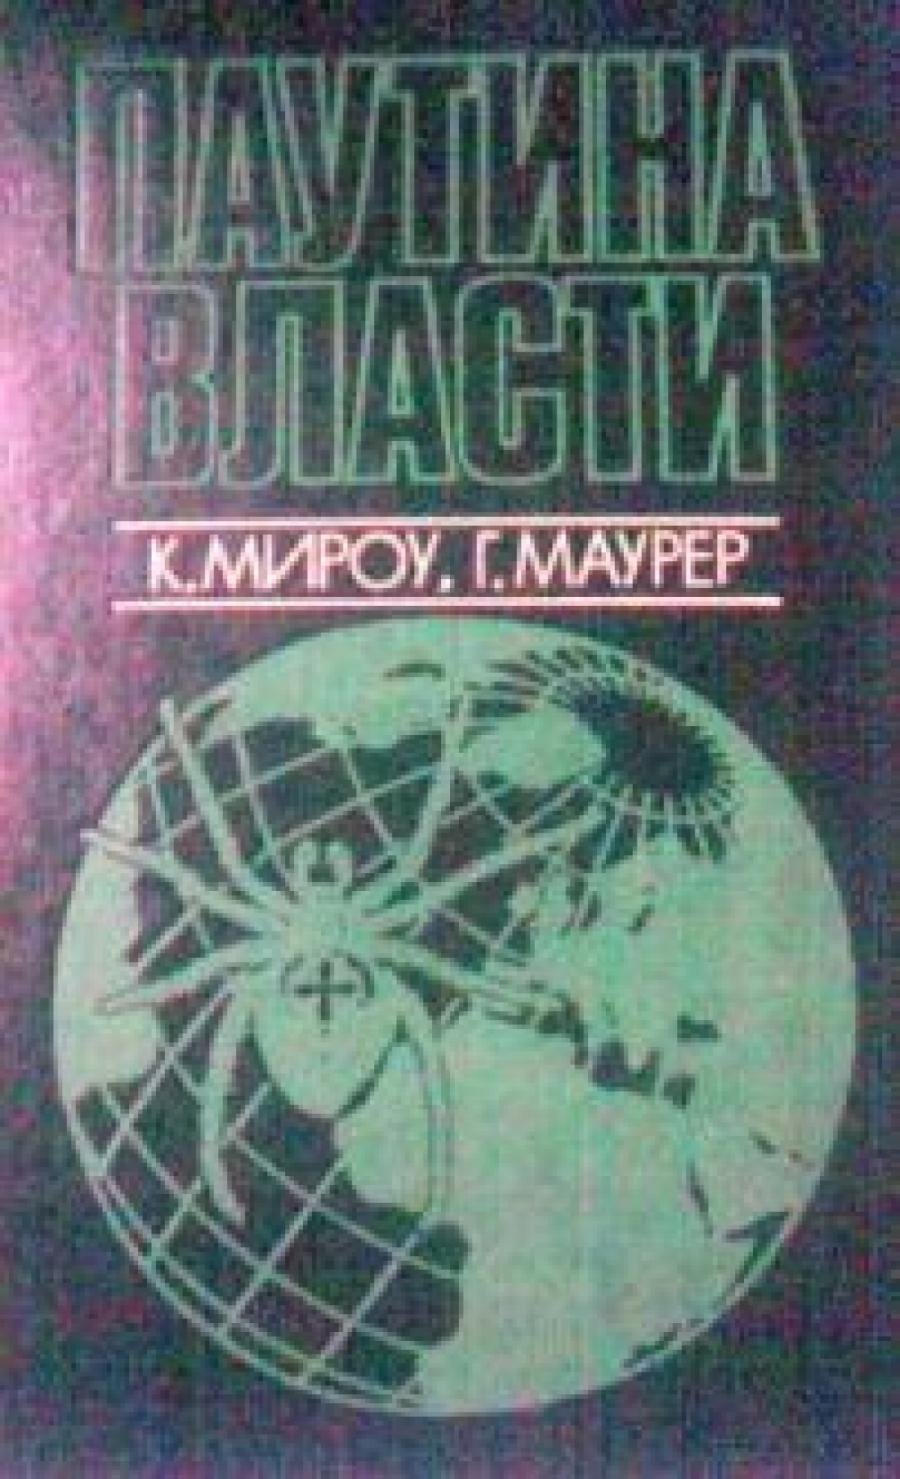 Обложка книги:  мироу к., маурер г. - паутина власти. международные картели и мировая экономика